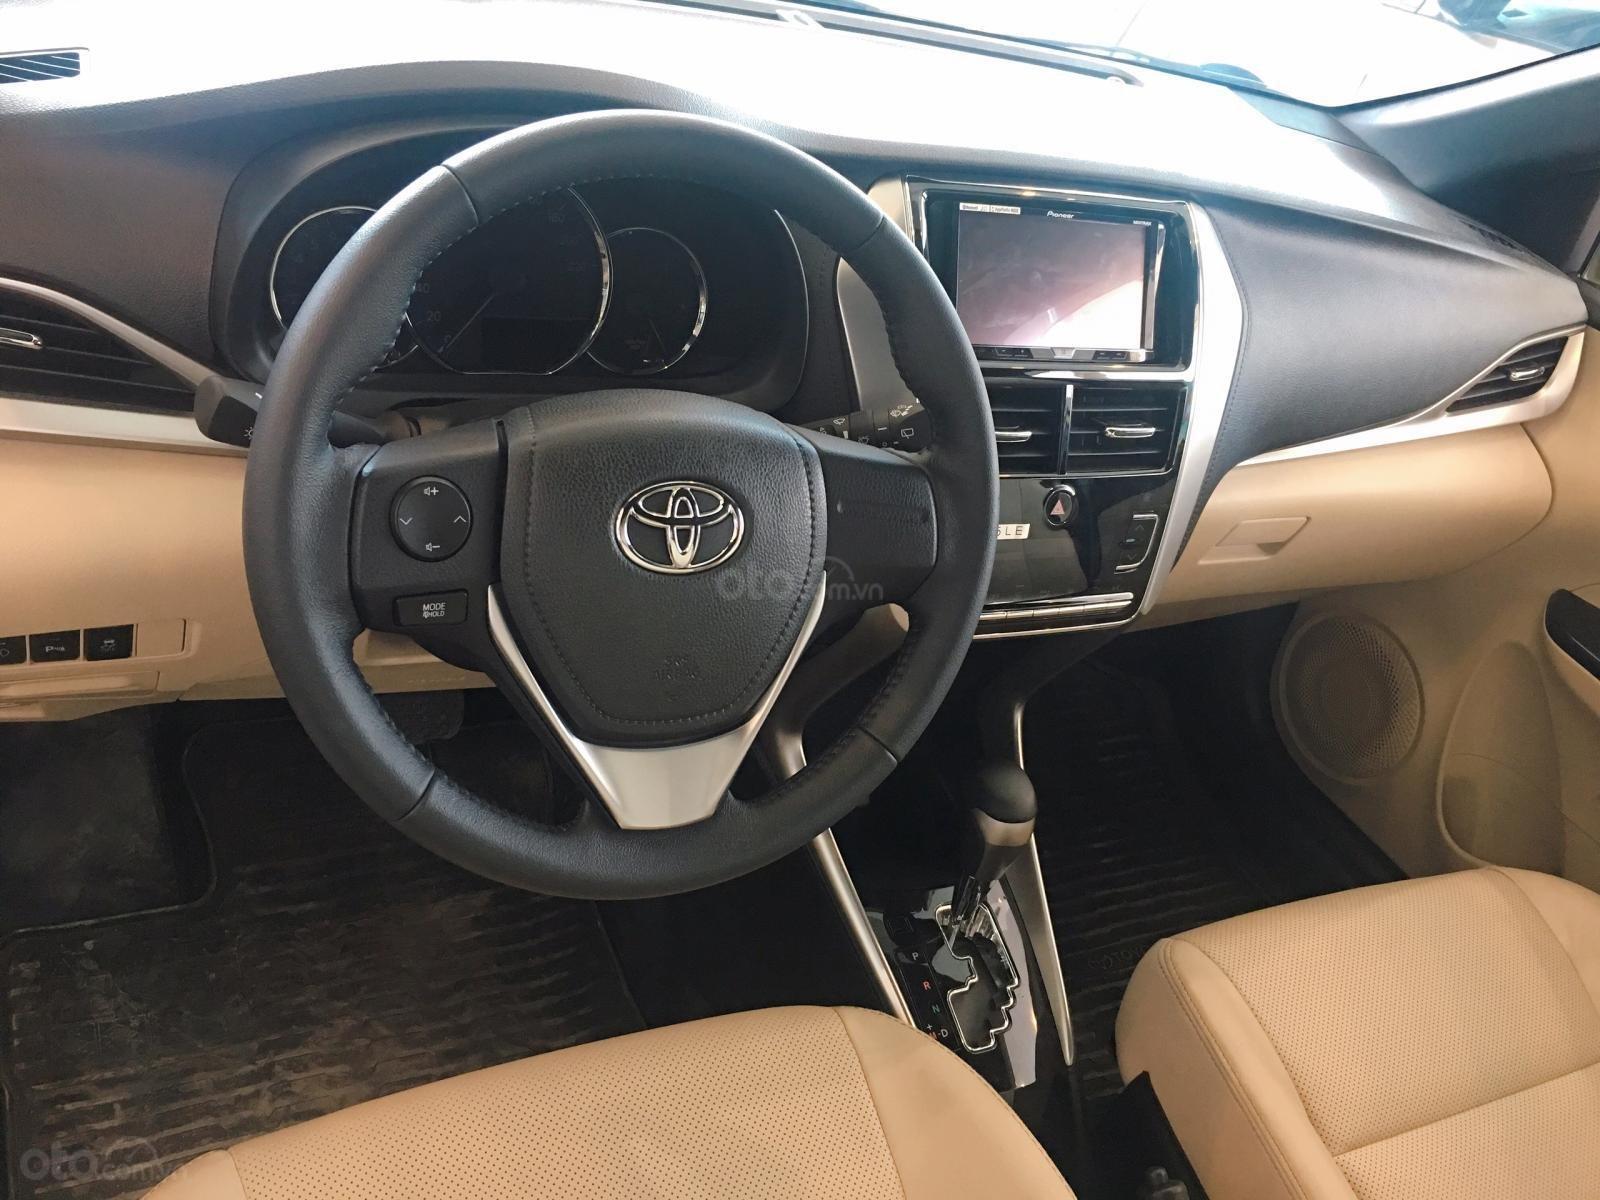 Toyota Vios 1.5G CVT - giá cực hot, hỗ trợ full phụ kiện chính hãng/ liên hệ ngay: 0906.396.095-6